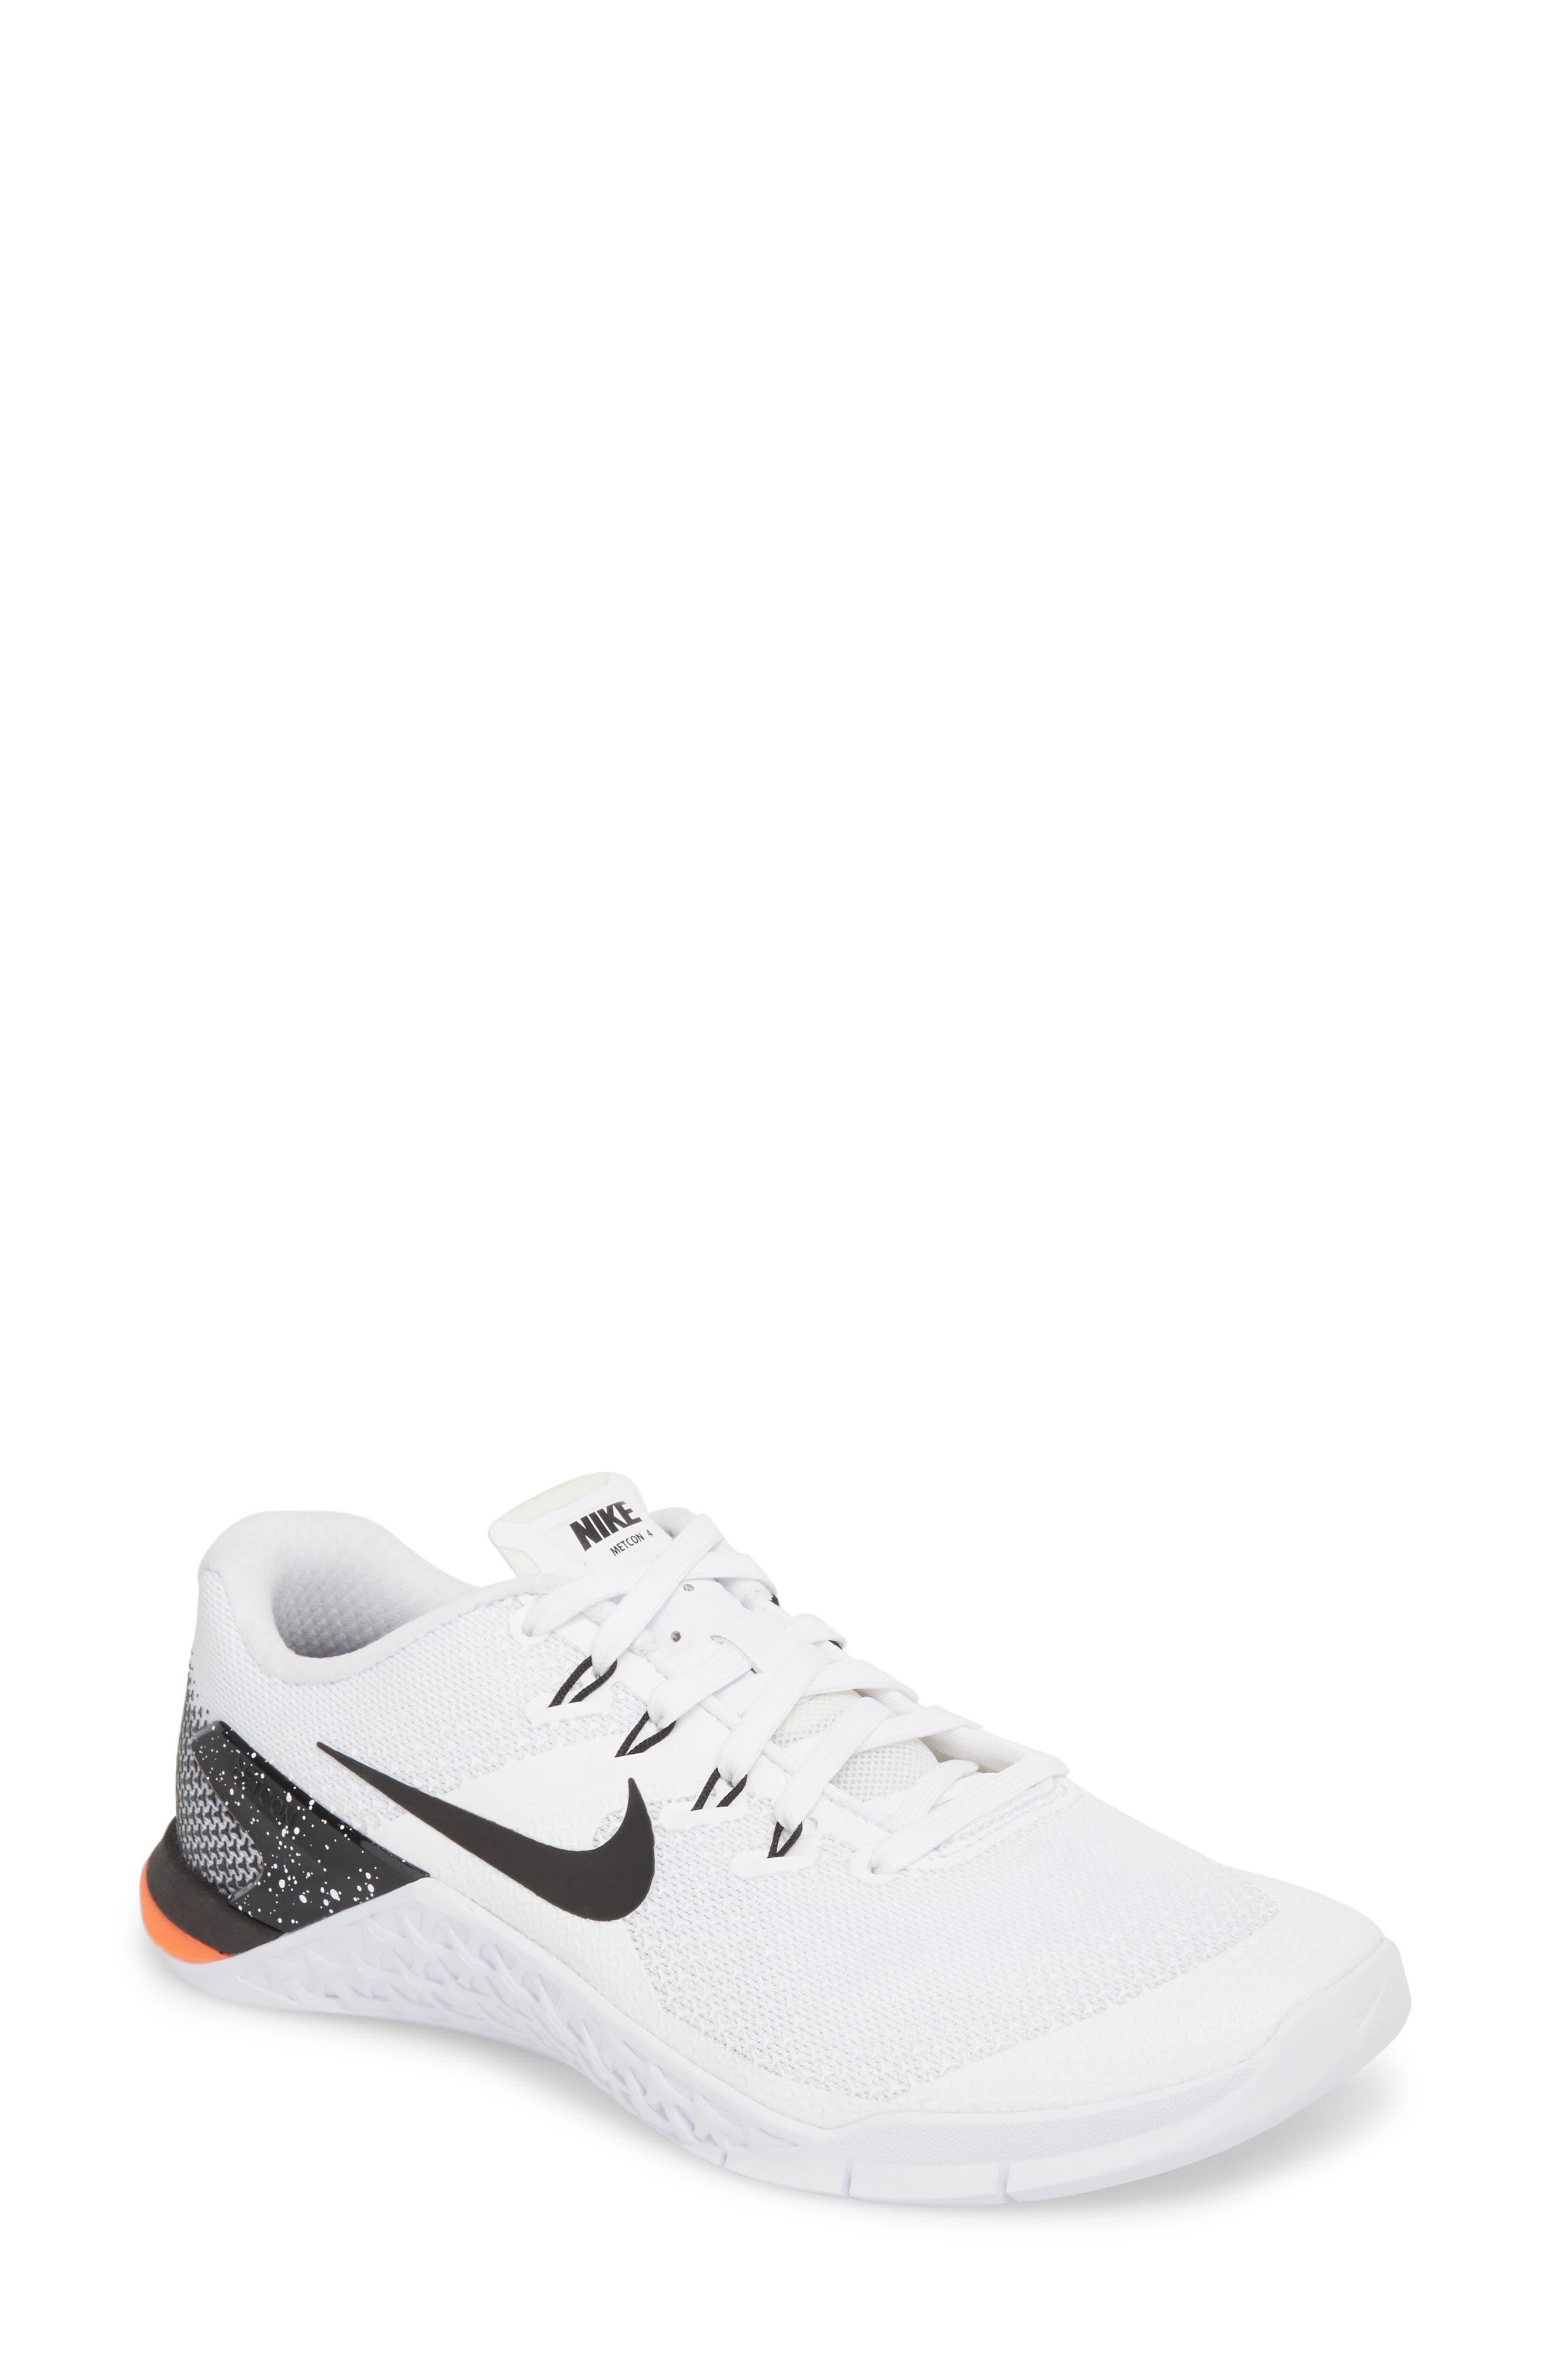 Alternate Image 1 Selected - Nike Metcon 4 Training Shoe (Women)